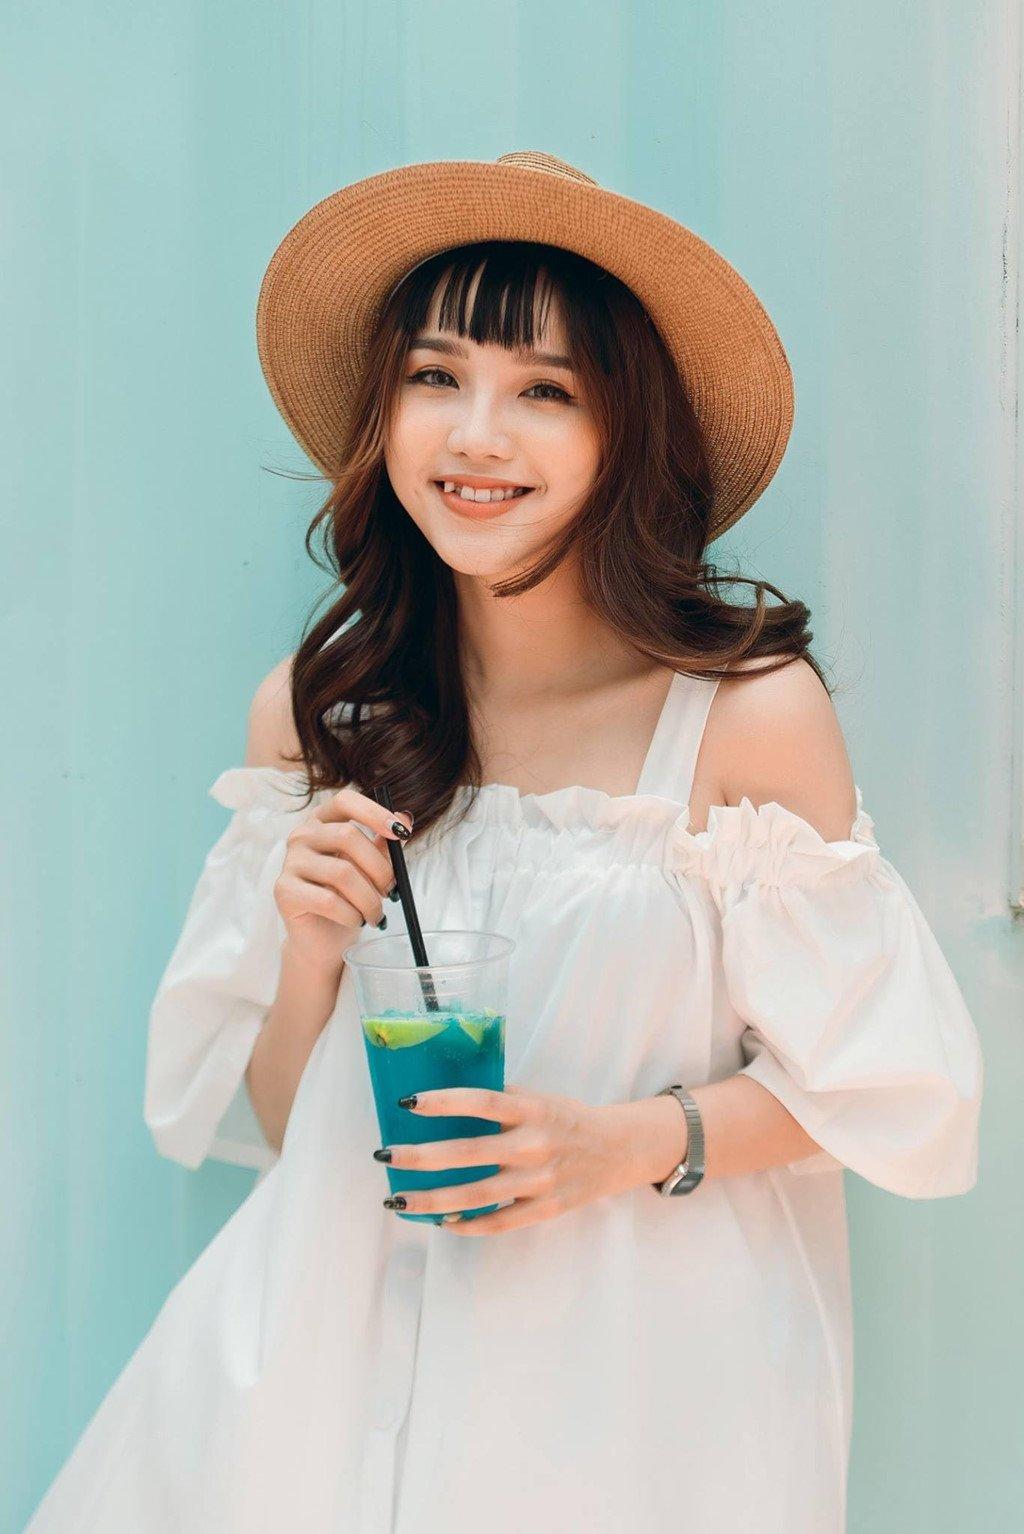 Nu sinh xinh dep dong MV 'Tinh don phuong' cover la ai? hinh anh 4